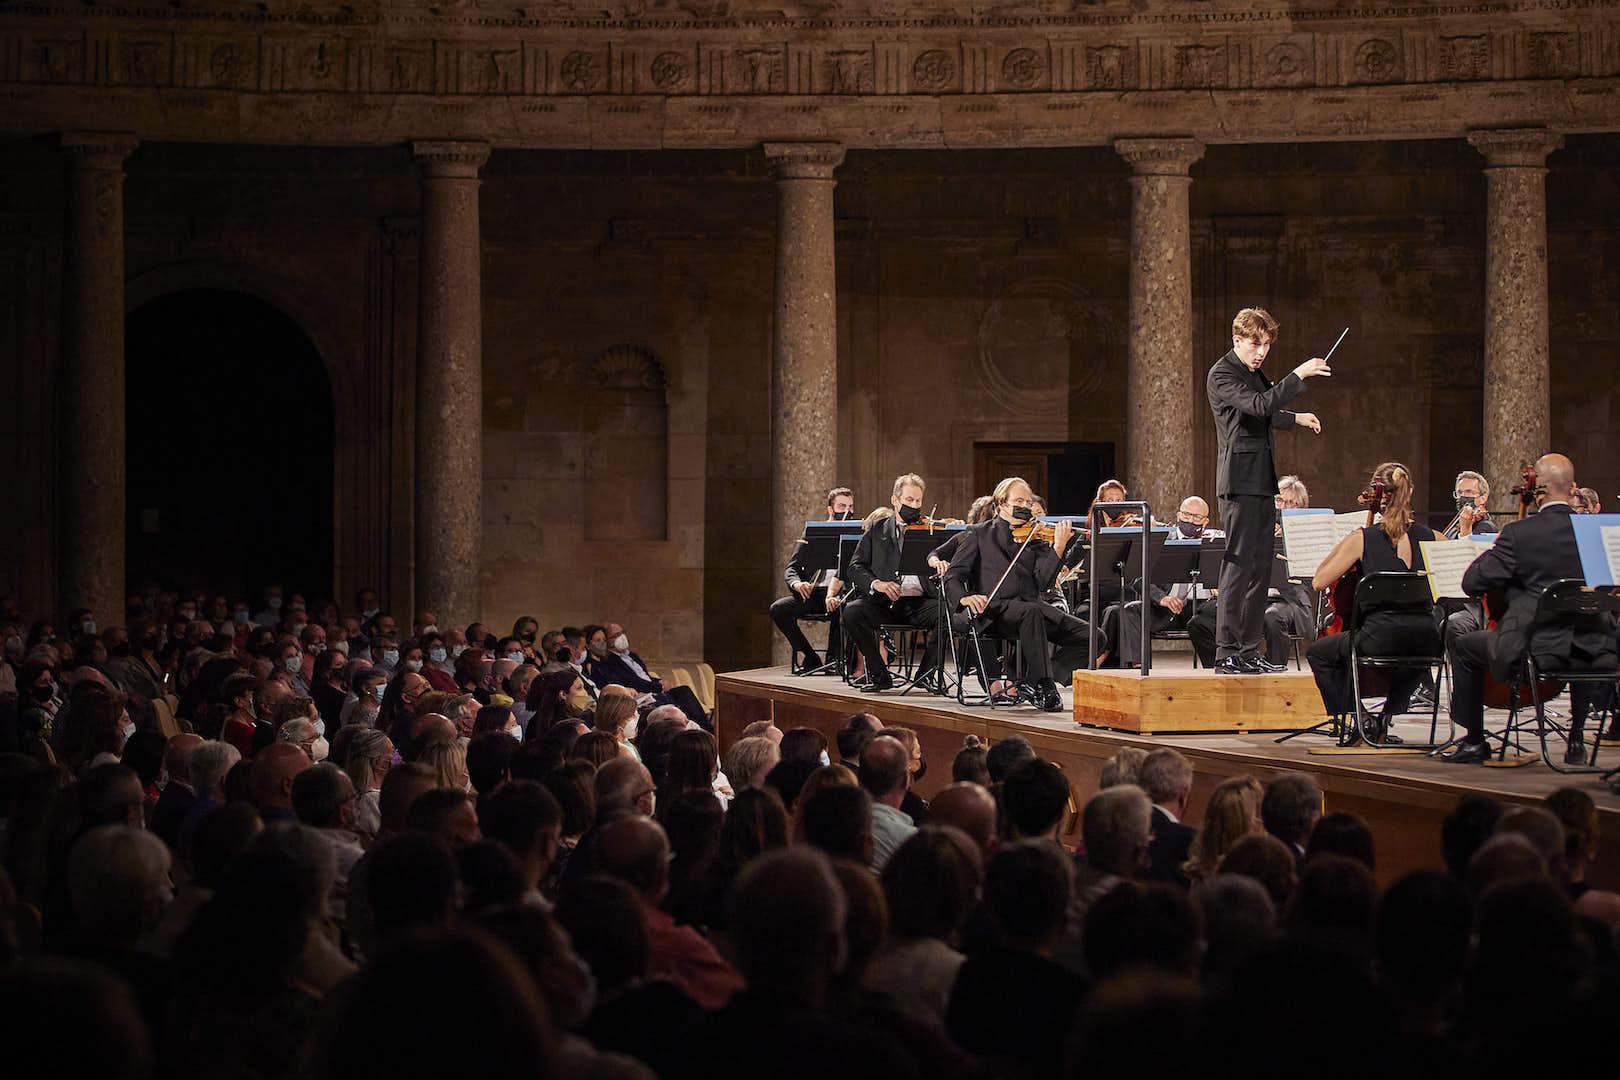 Crítica: Mäkelä y la transformación de una orquesta